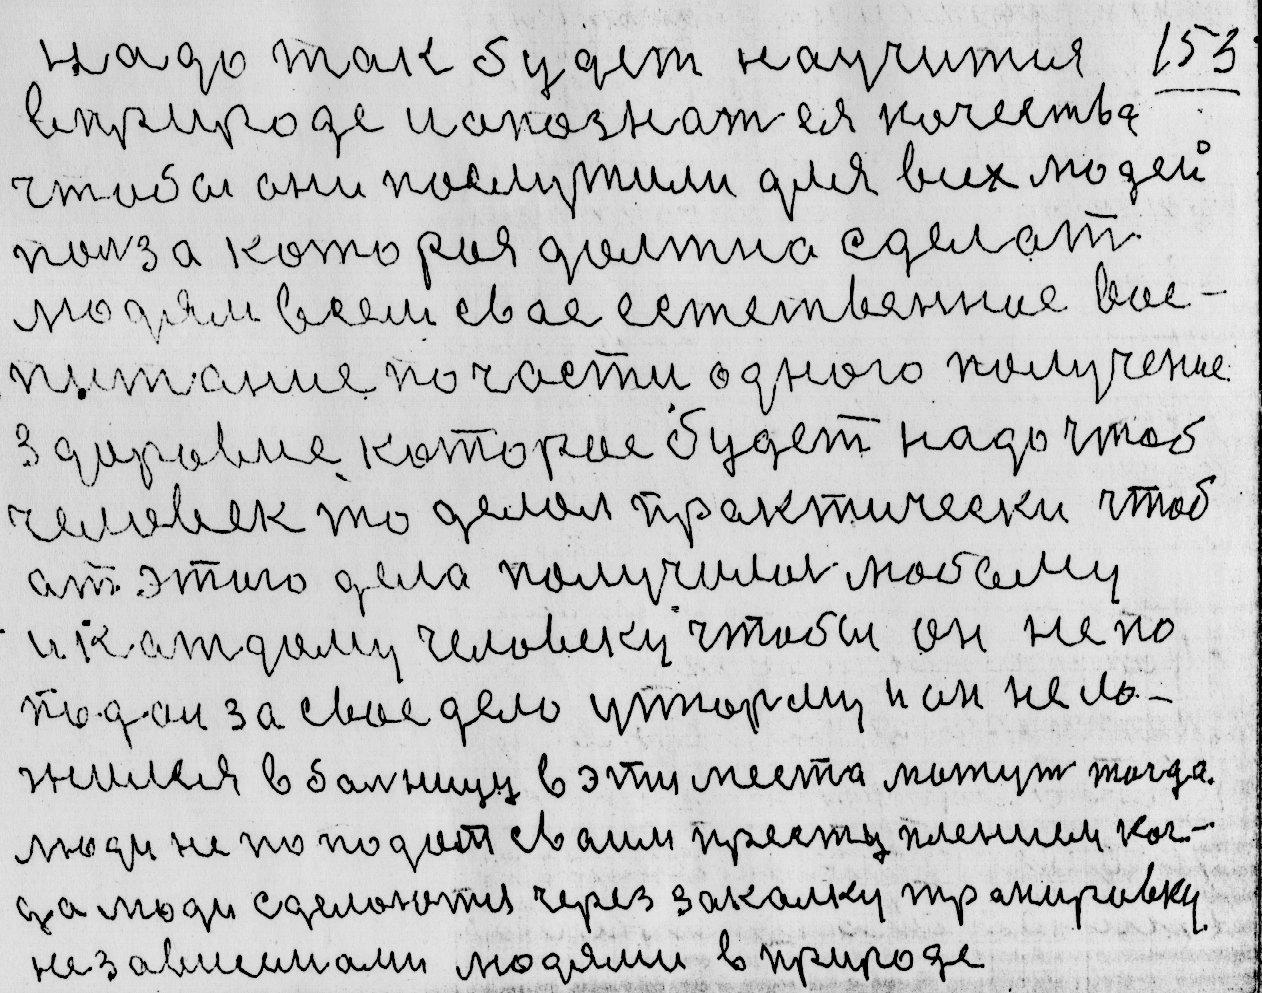 Str152.jpg